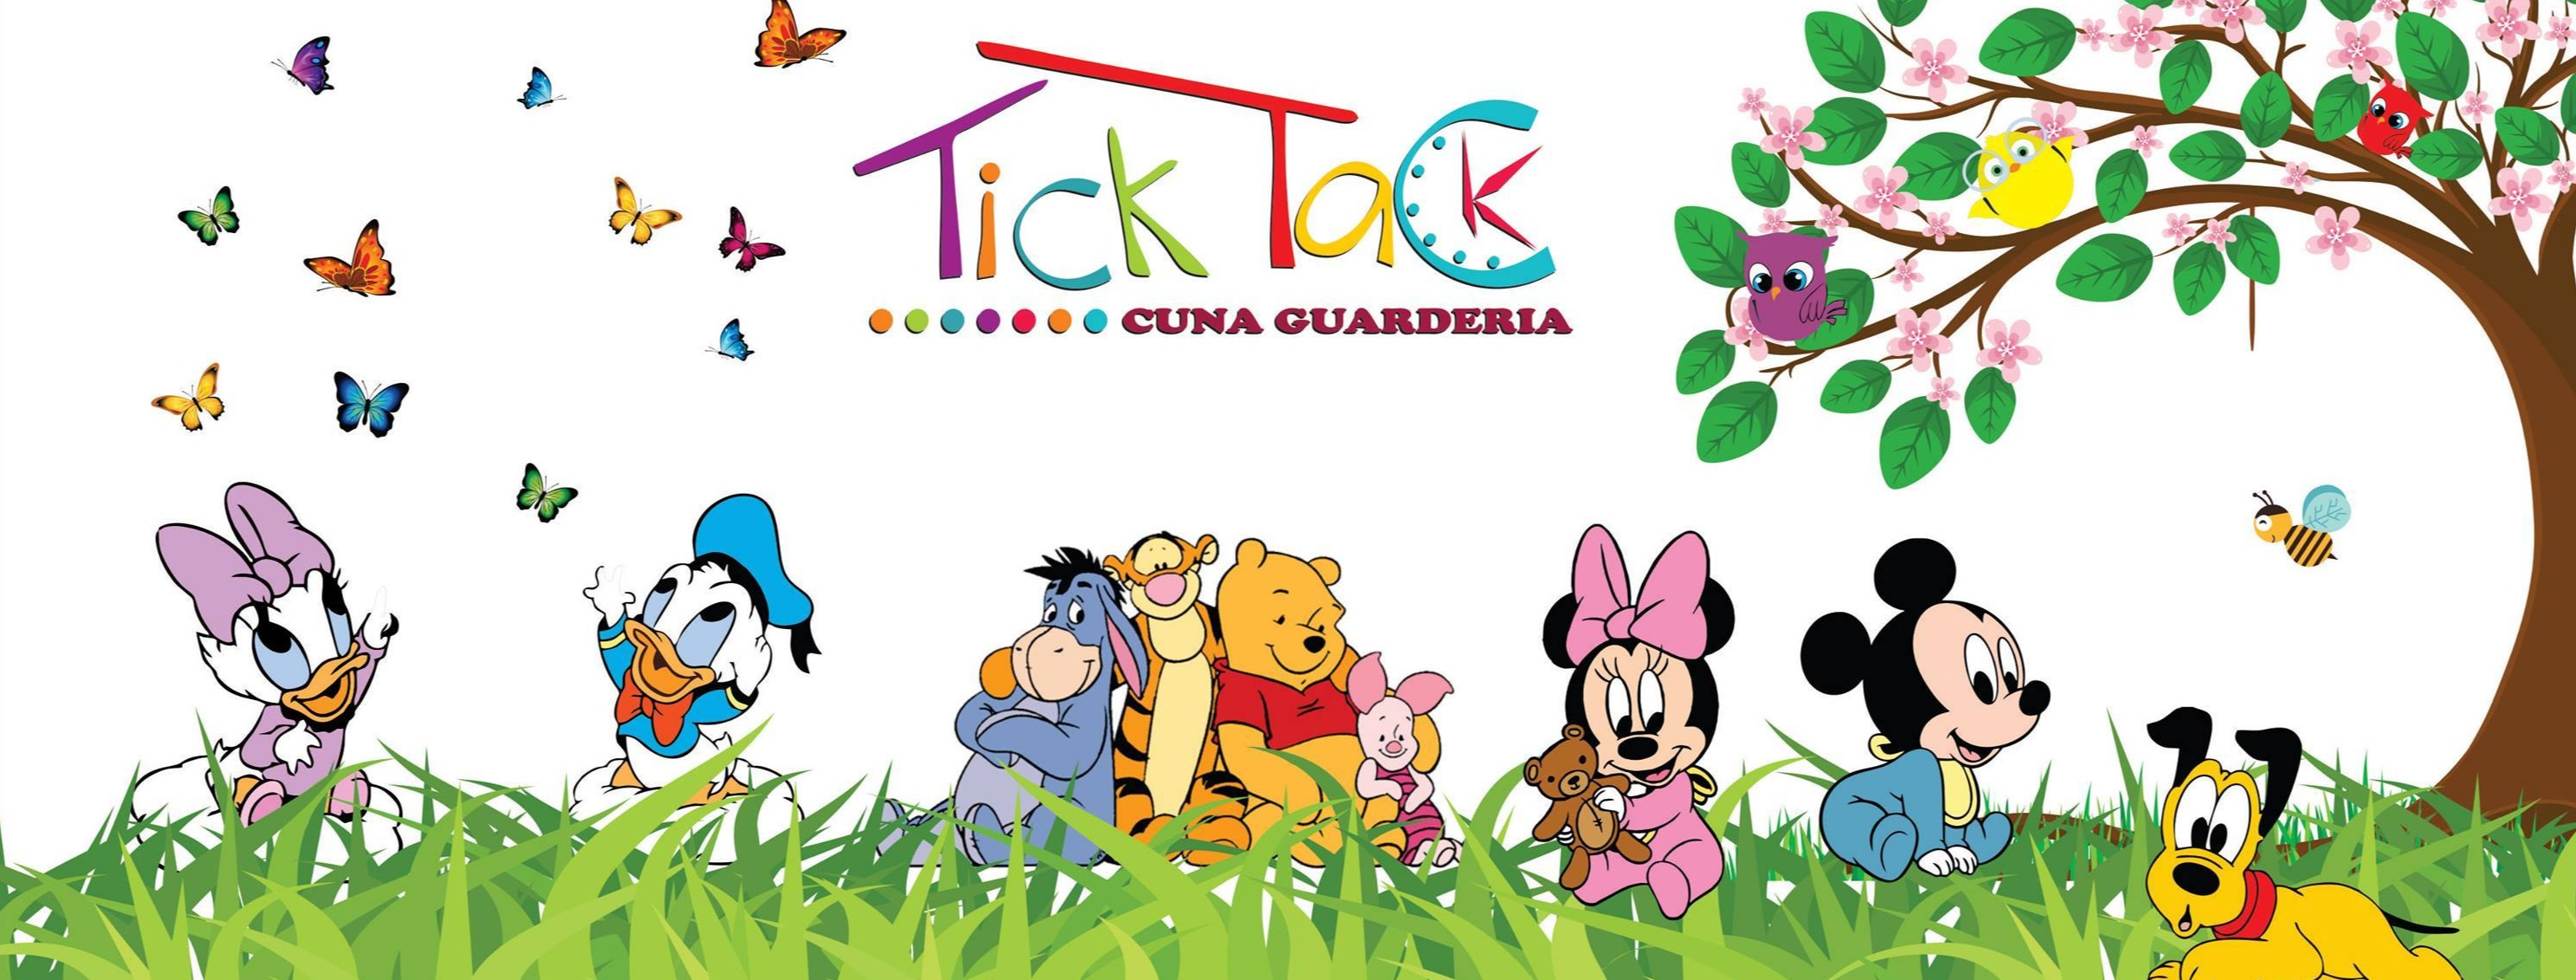 Portada Tick Tack Cuna guarderia